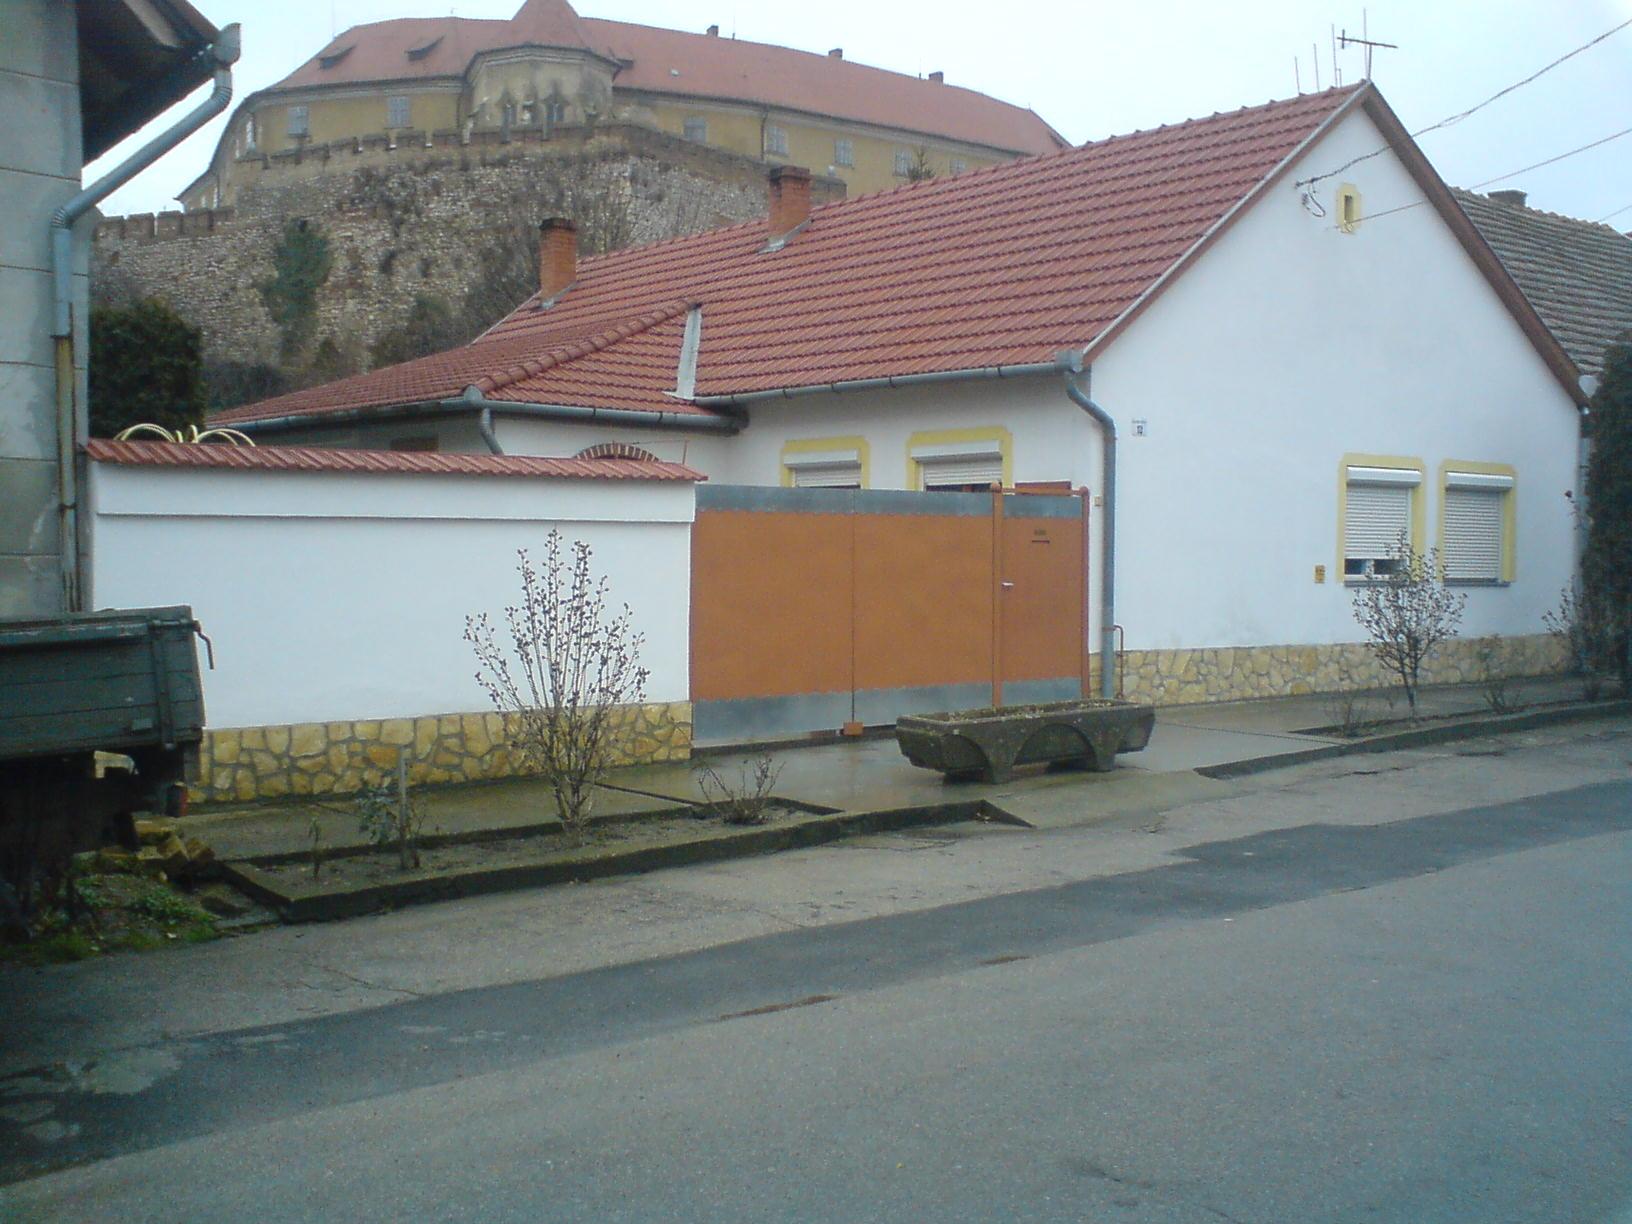 einfamilienhaus in ungarn zu verkaufen in sikl s ungarn immobilien kleinanzeigen. Black Bedroom Furniture Sets. Home Design Ideas